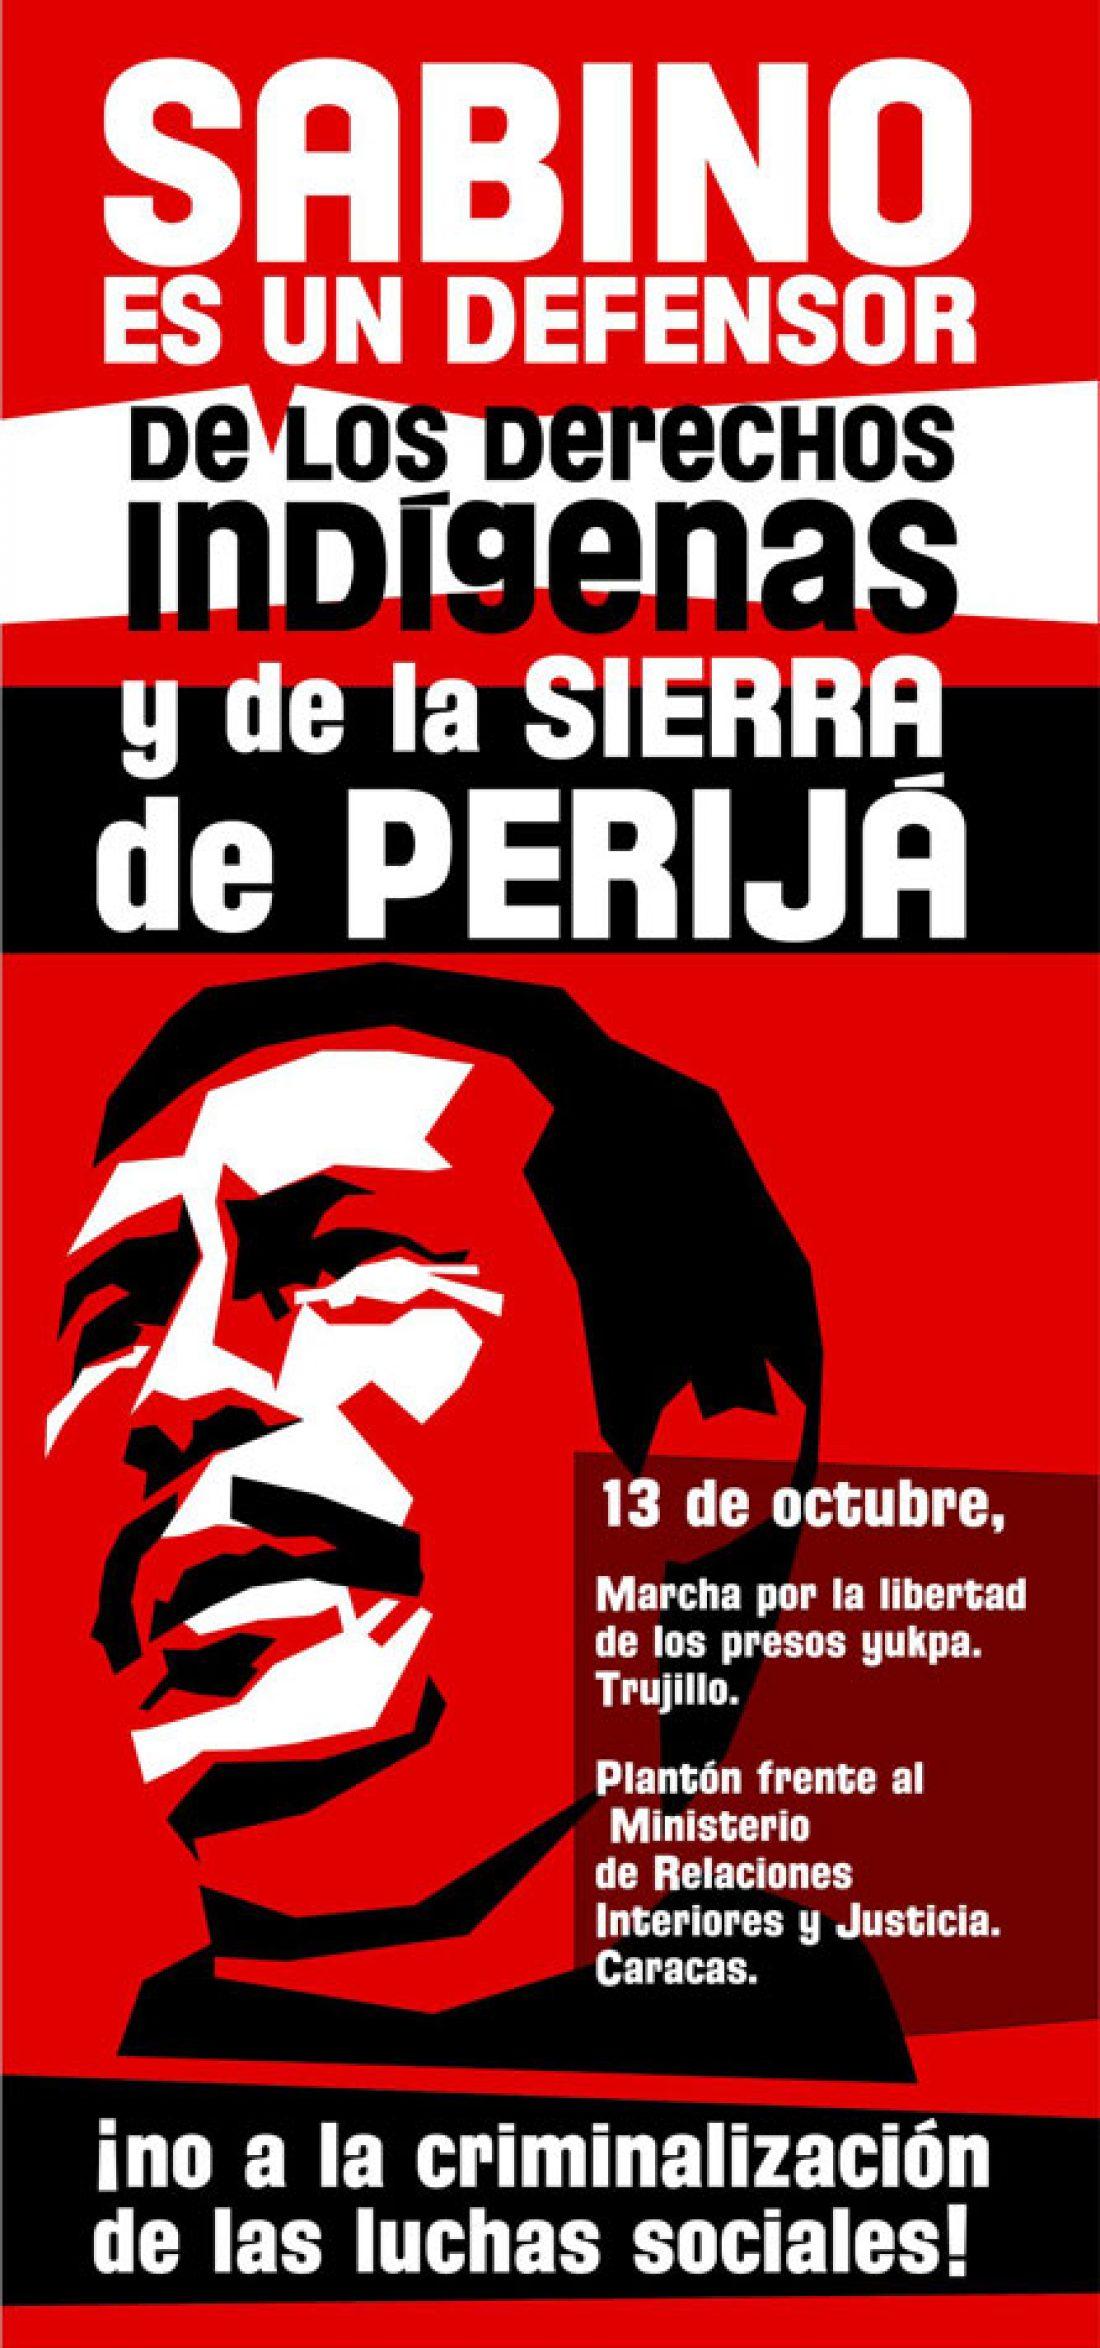 Venezuela. El capitalismo energético: Autor material e intelectual del asesinato de Sabino